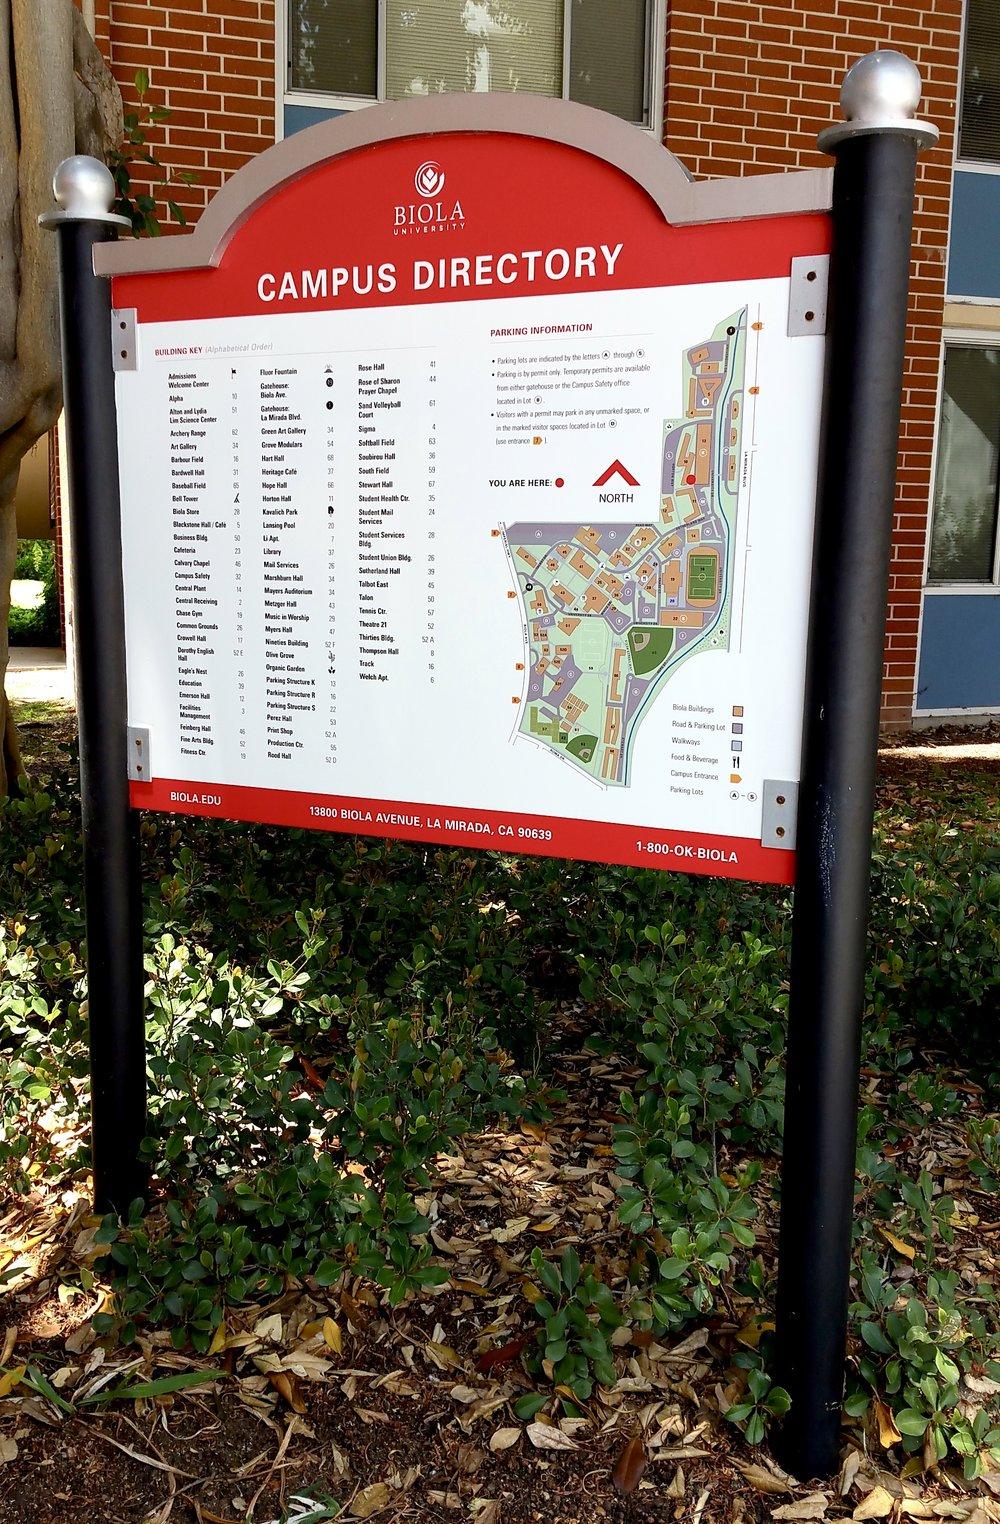 Biola University campus directory